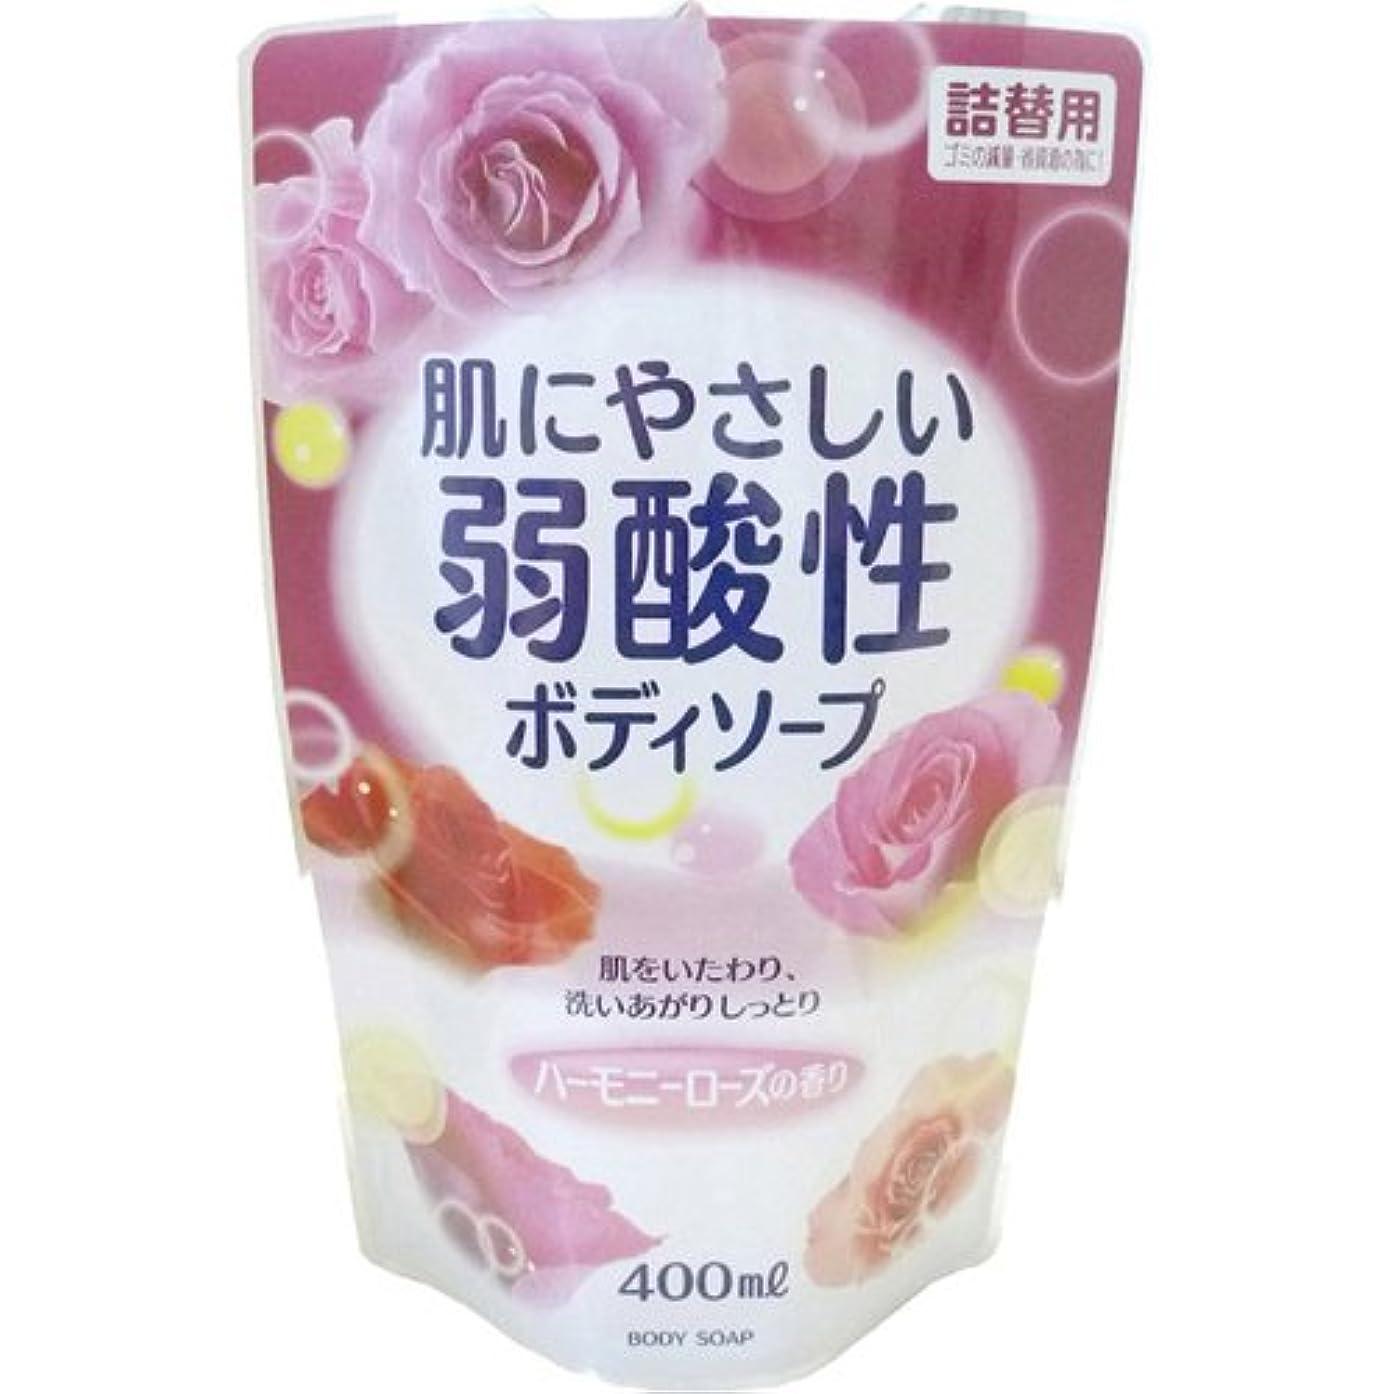 エスカレーター理由以下弱酸性ボディソープ ハーモニーローズの香り 詰替用 400ml